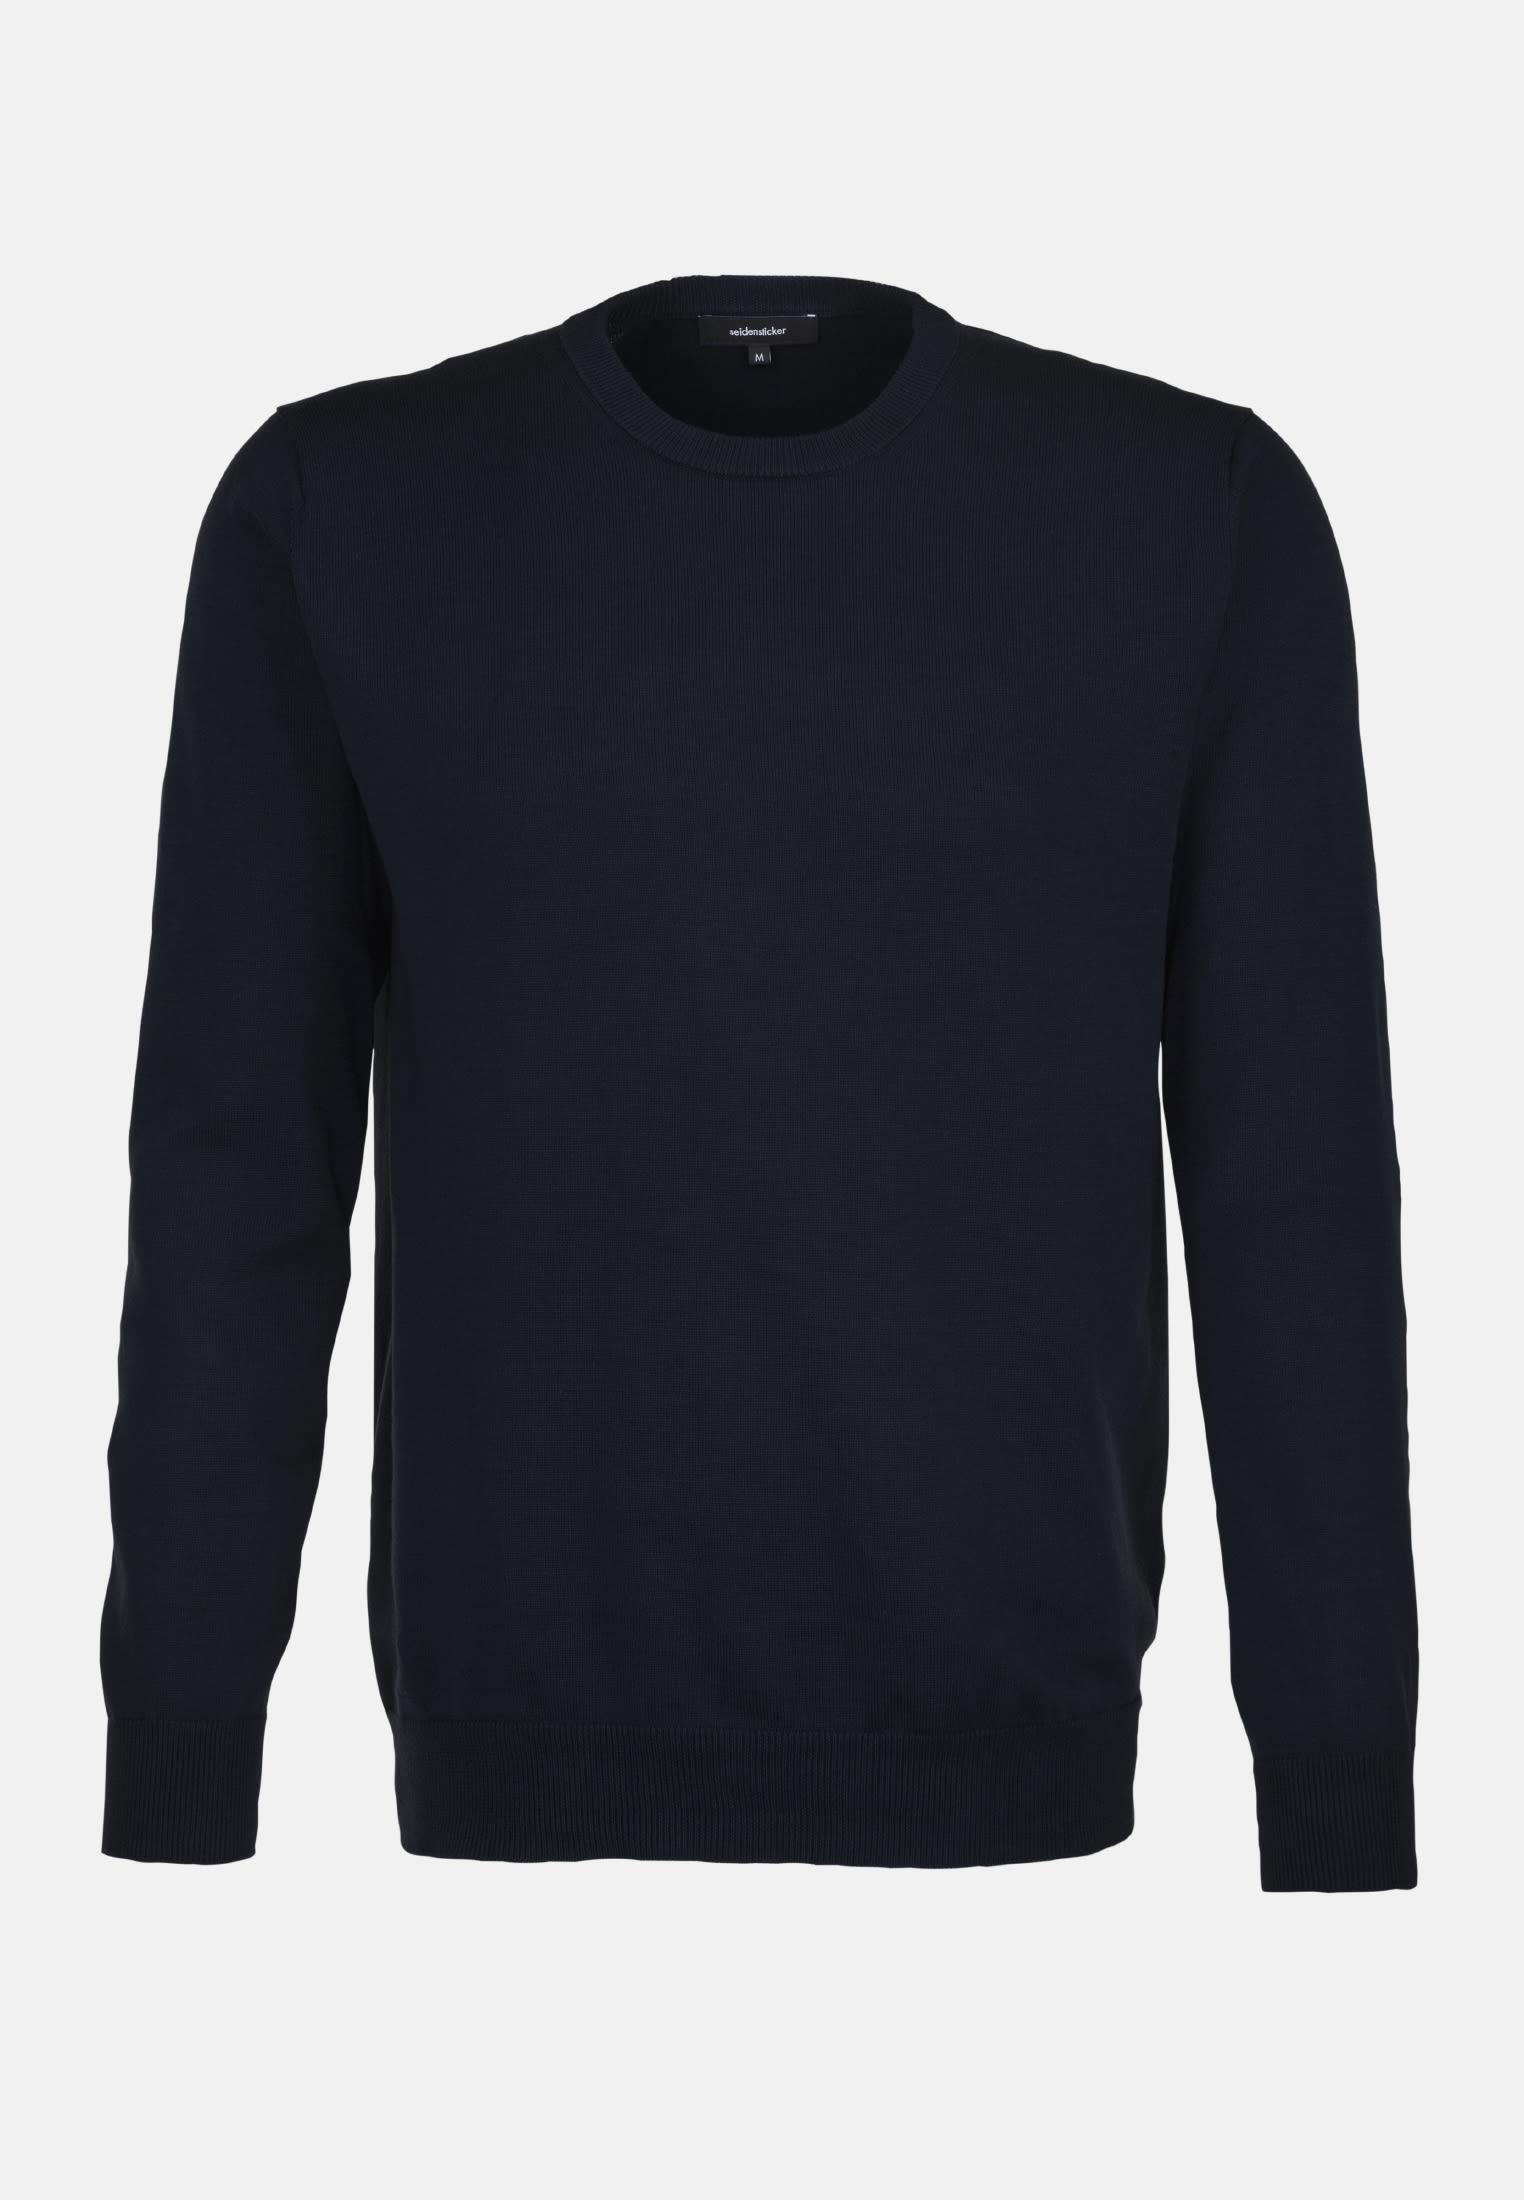 Rundhals Pullover aus Leinenmischung in Dunkelblau |  Seidensticker Onlineshop